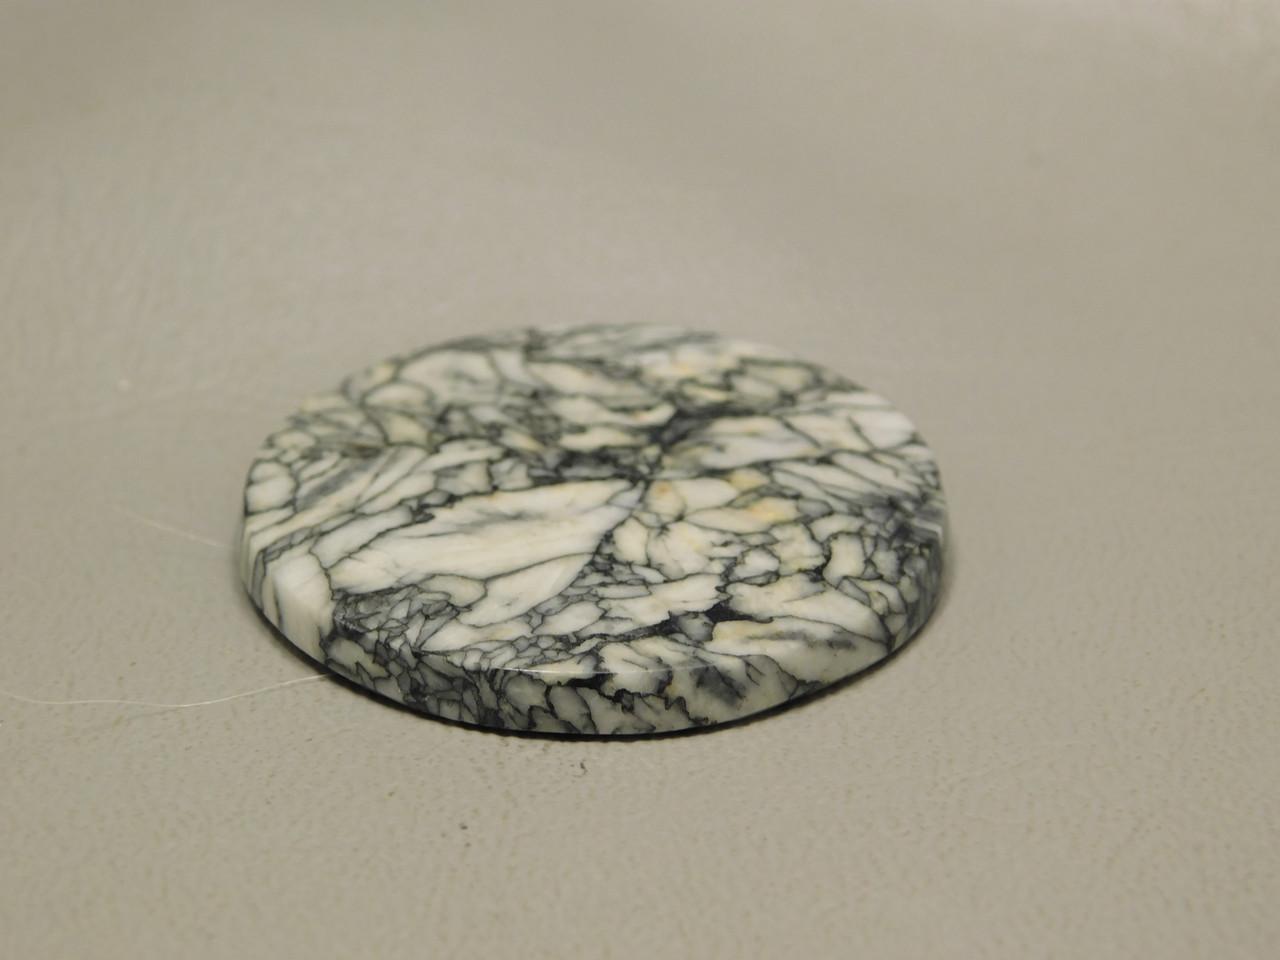 Pinolith or Pinolite 35 mm Round Gemstone Designer Cabochon #14